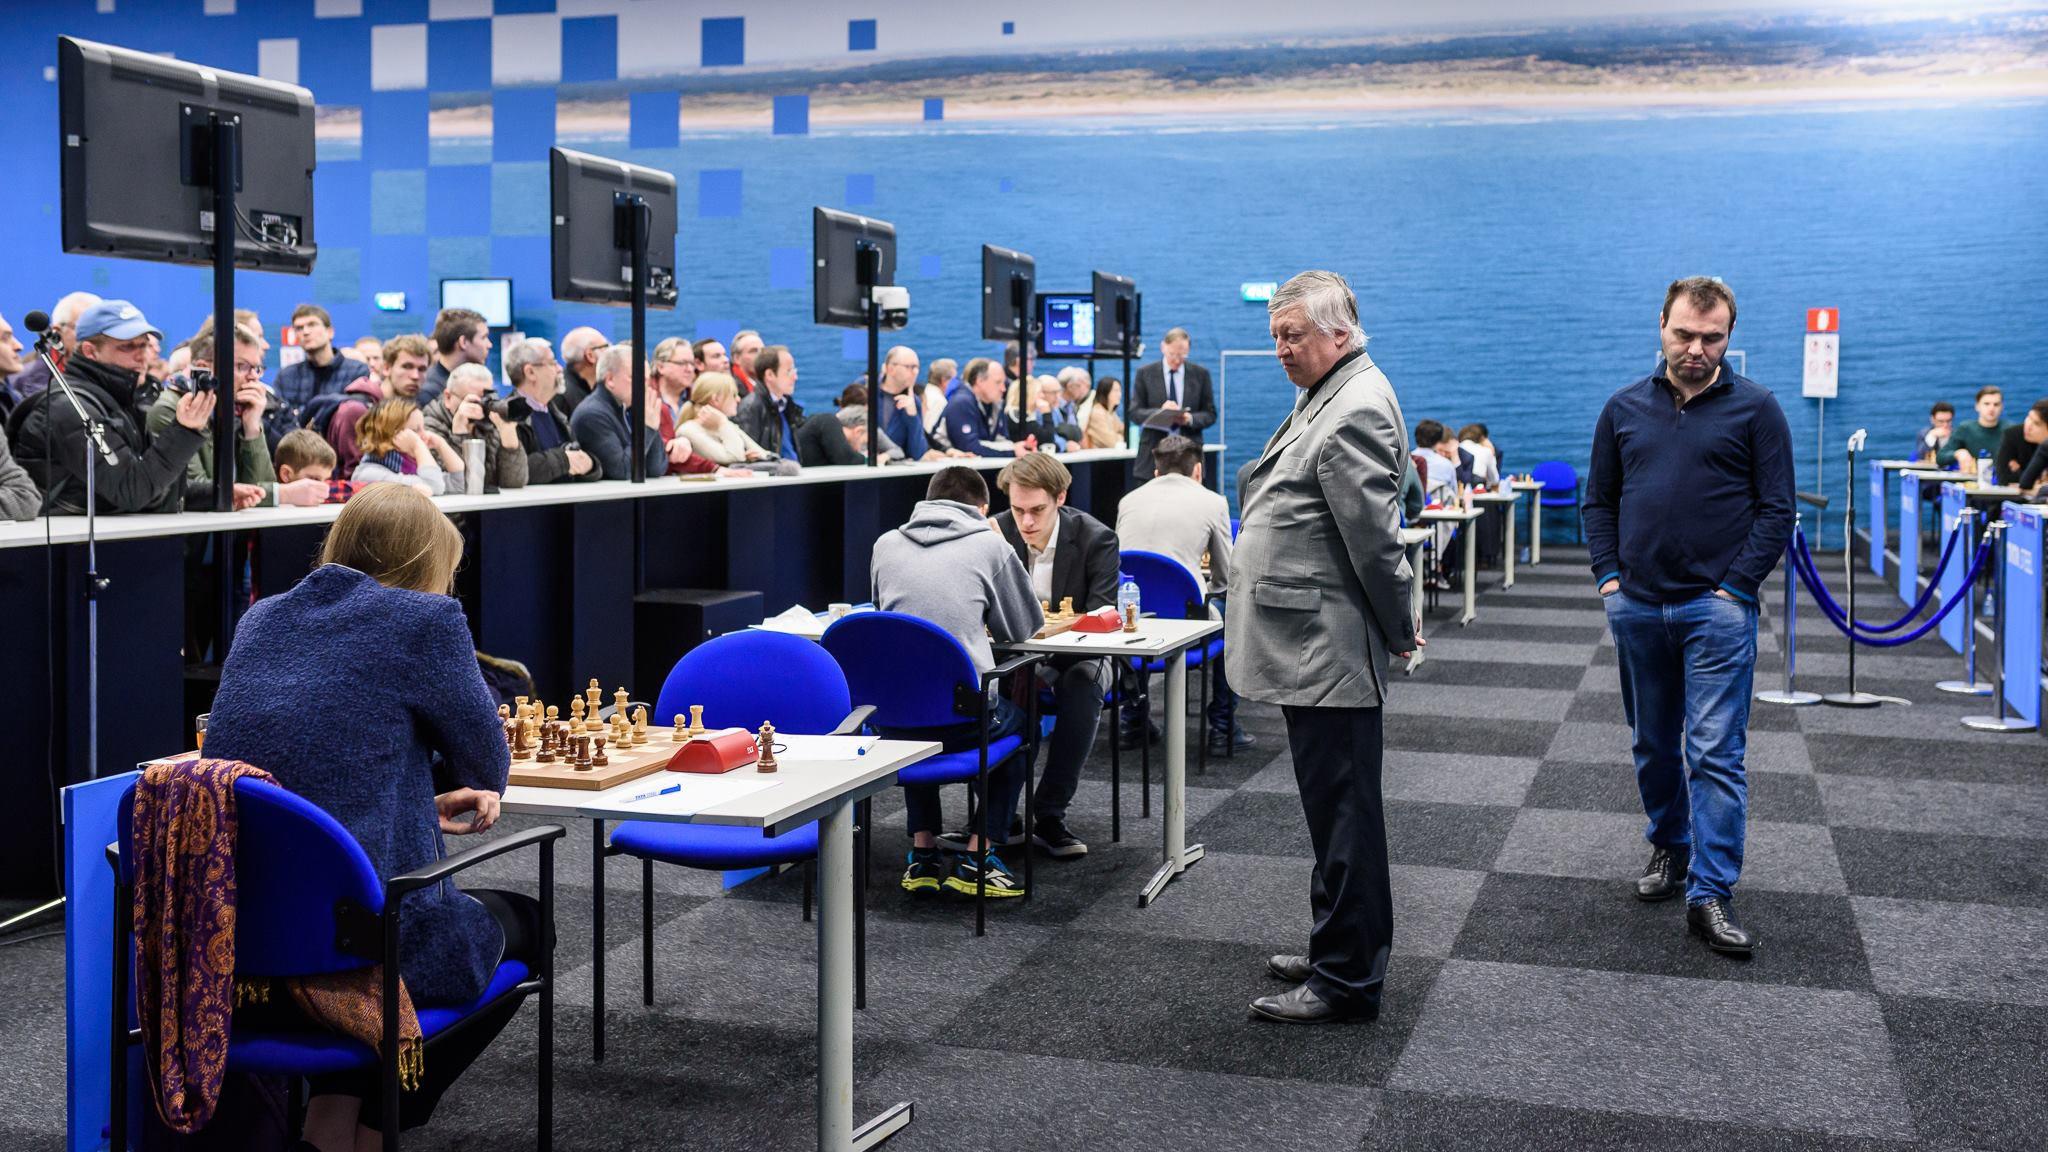 По игровому залу с задумчивым видом идет Шахрияр Мамедьяров, который стартовал в турнире весьма успешно